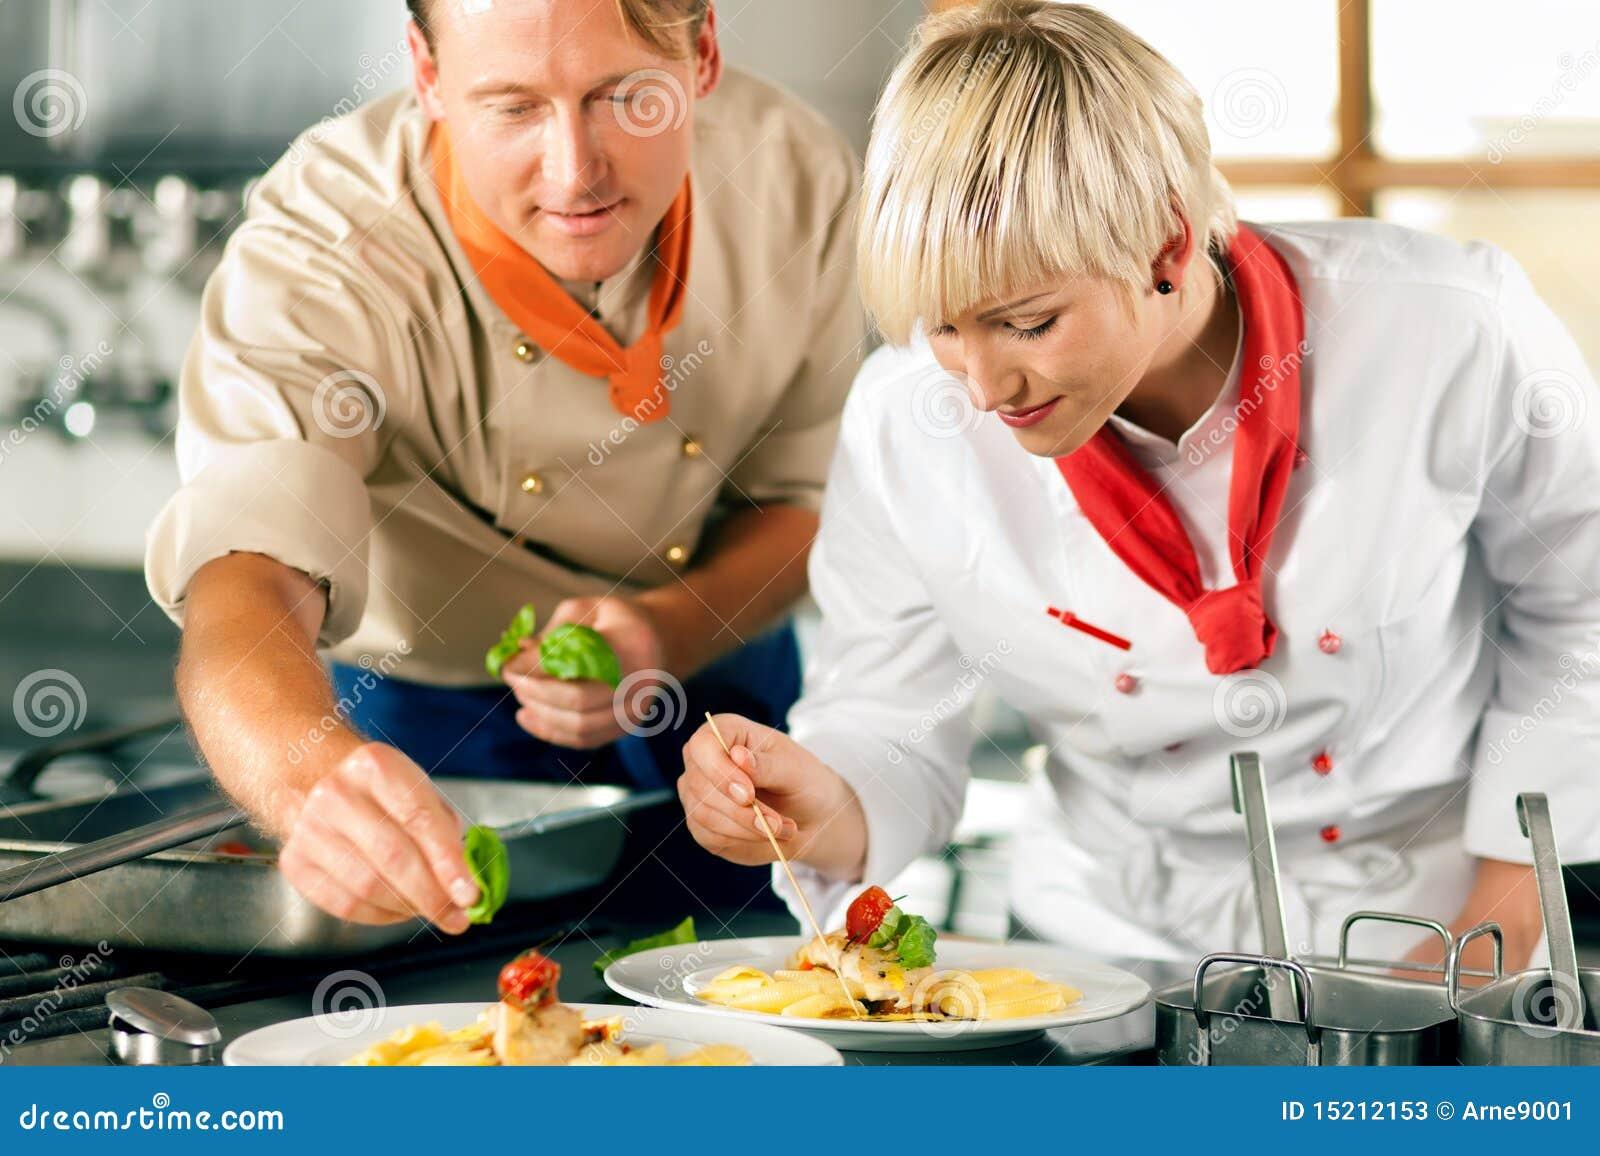 Curious girl corrigiendo errores en la cocina for Sukur pesadilla en la cocina